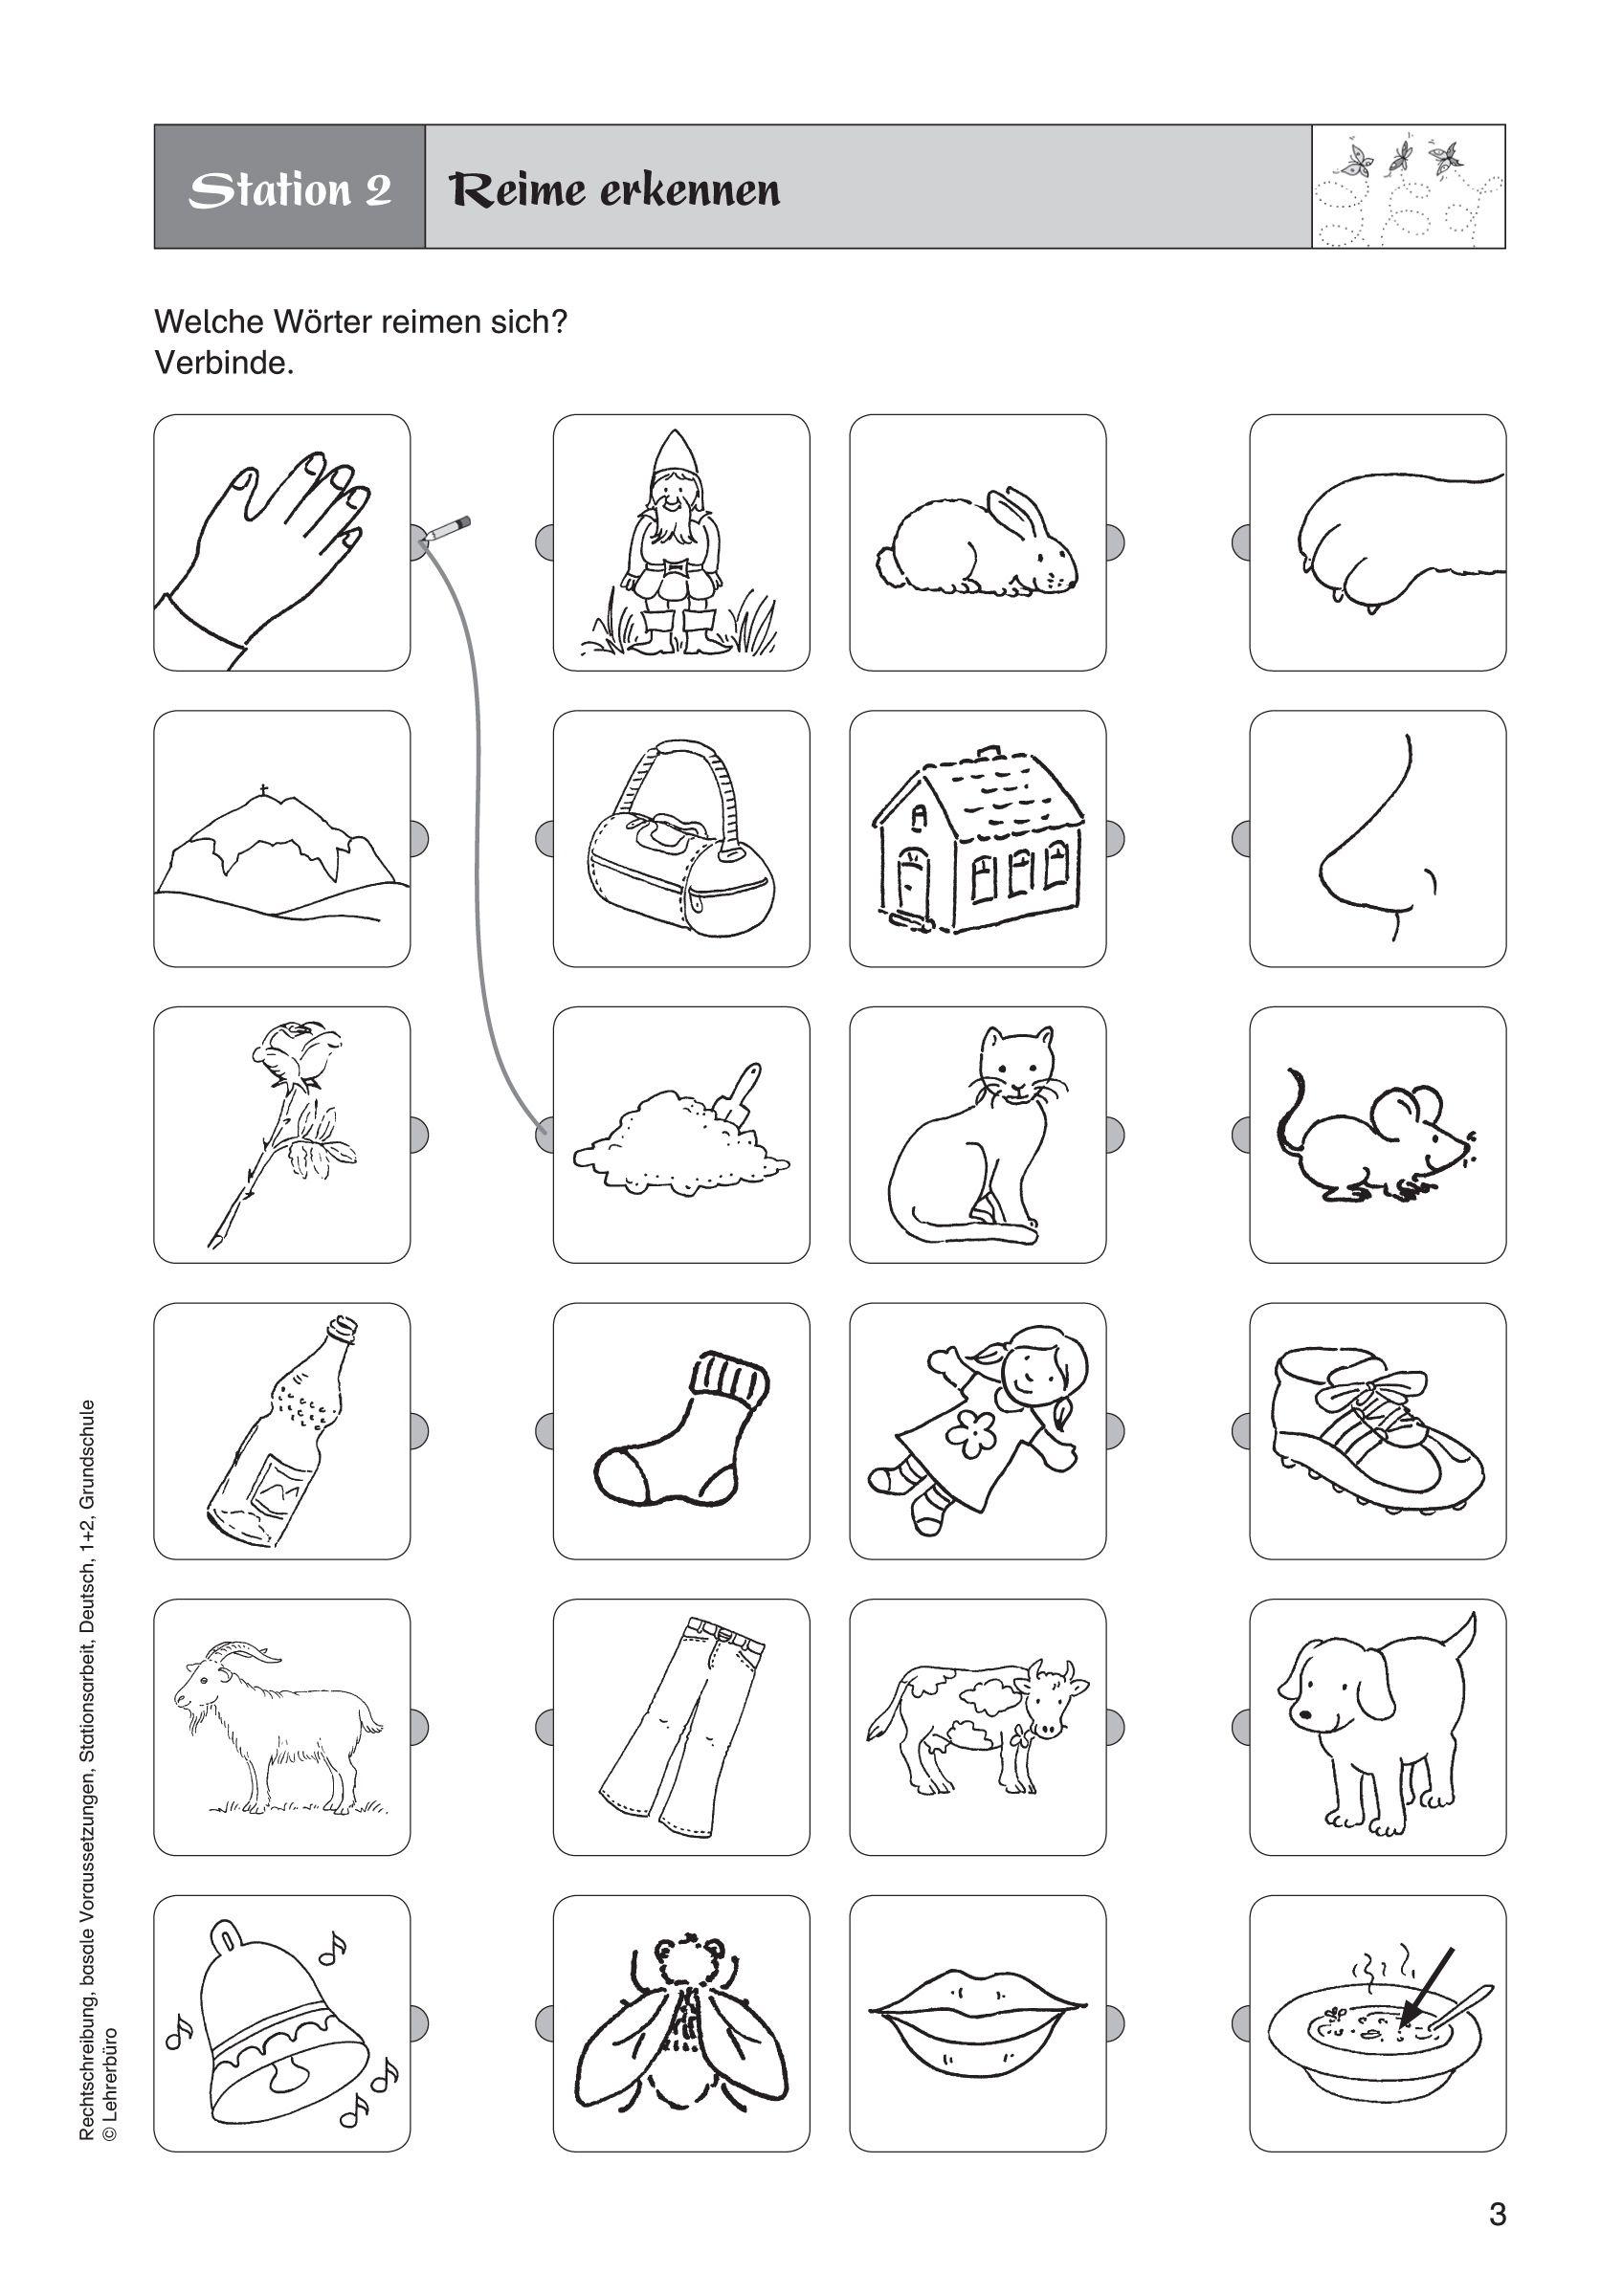 Arbeitsblätter Grundschule 1 Klasse Ausdrucken 1 Klasse verwandt mit Übungsblätter Vorschule